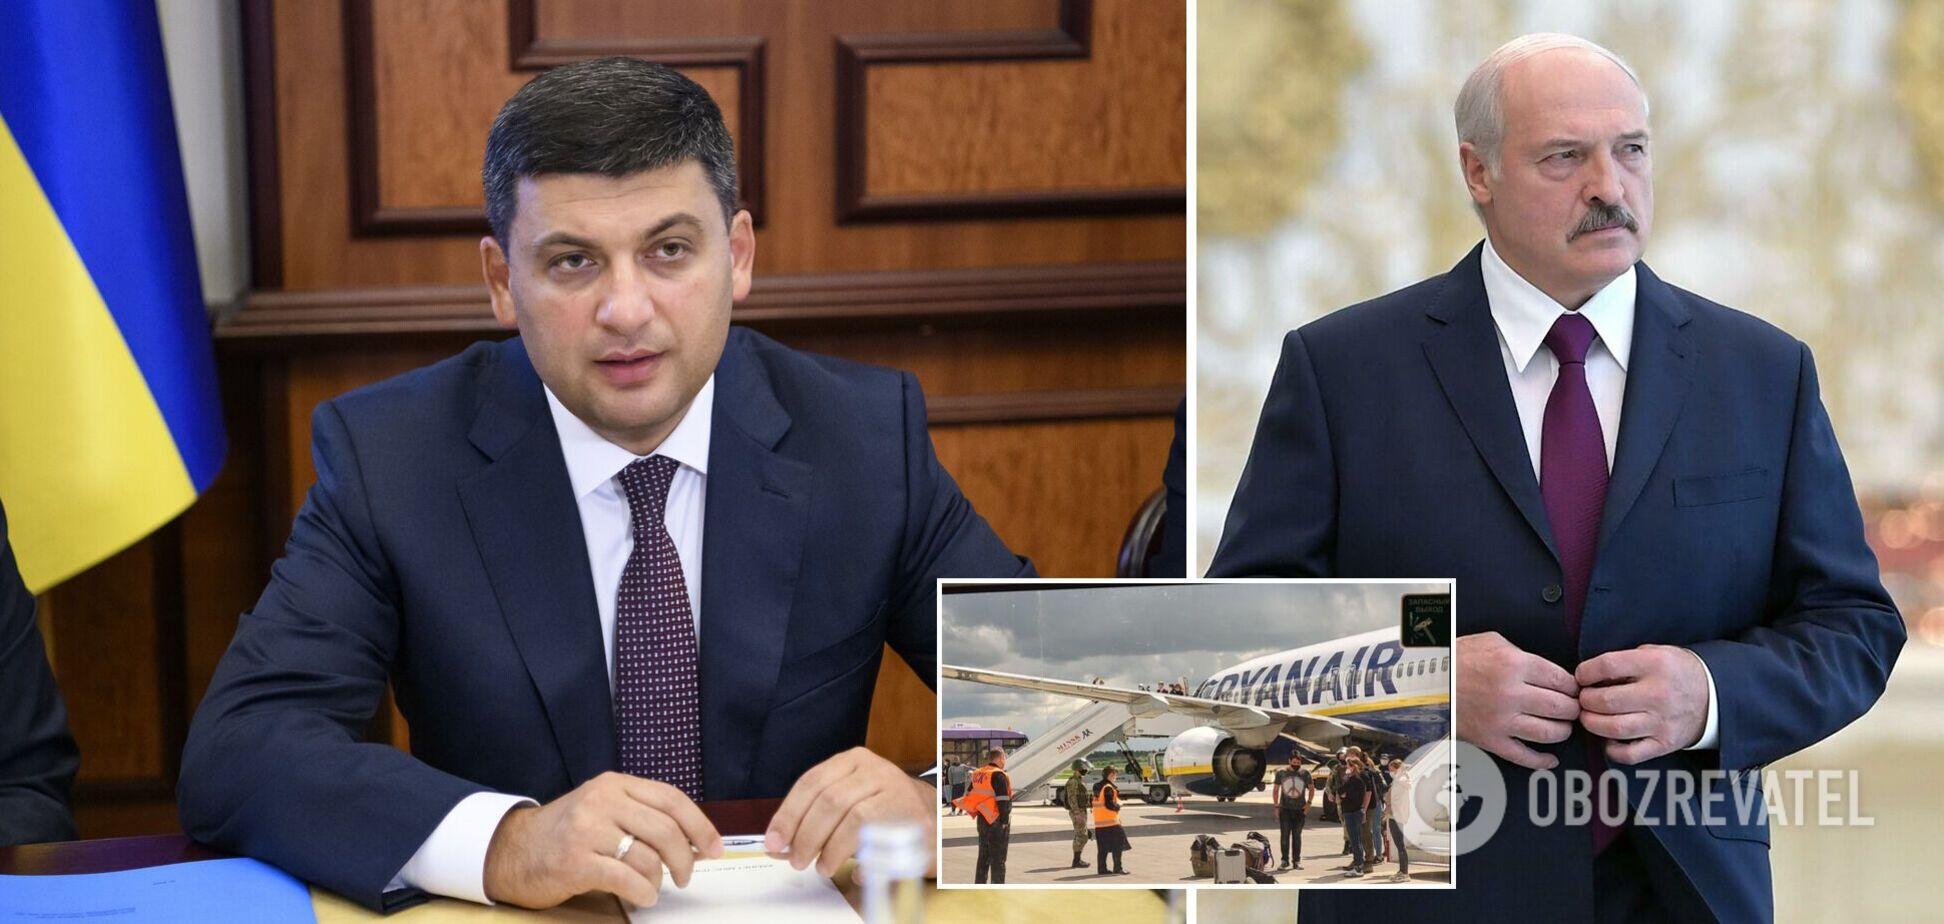 Лукашенко будет аплодировать решению правительства запретить полеты в Беларусь, – Гройсман